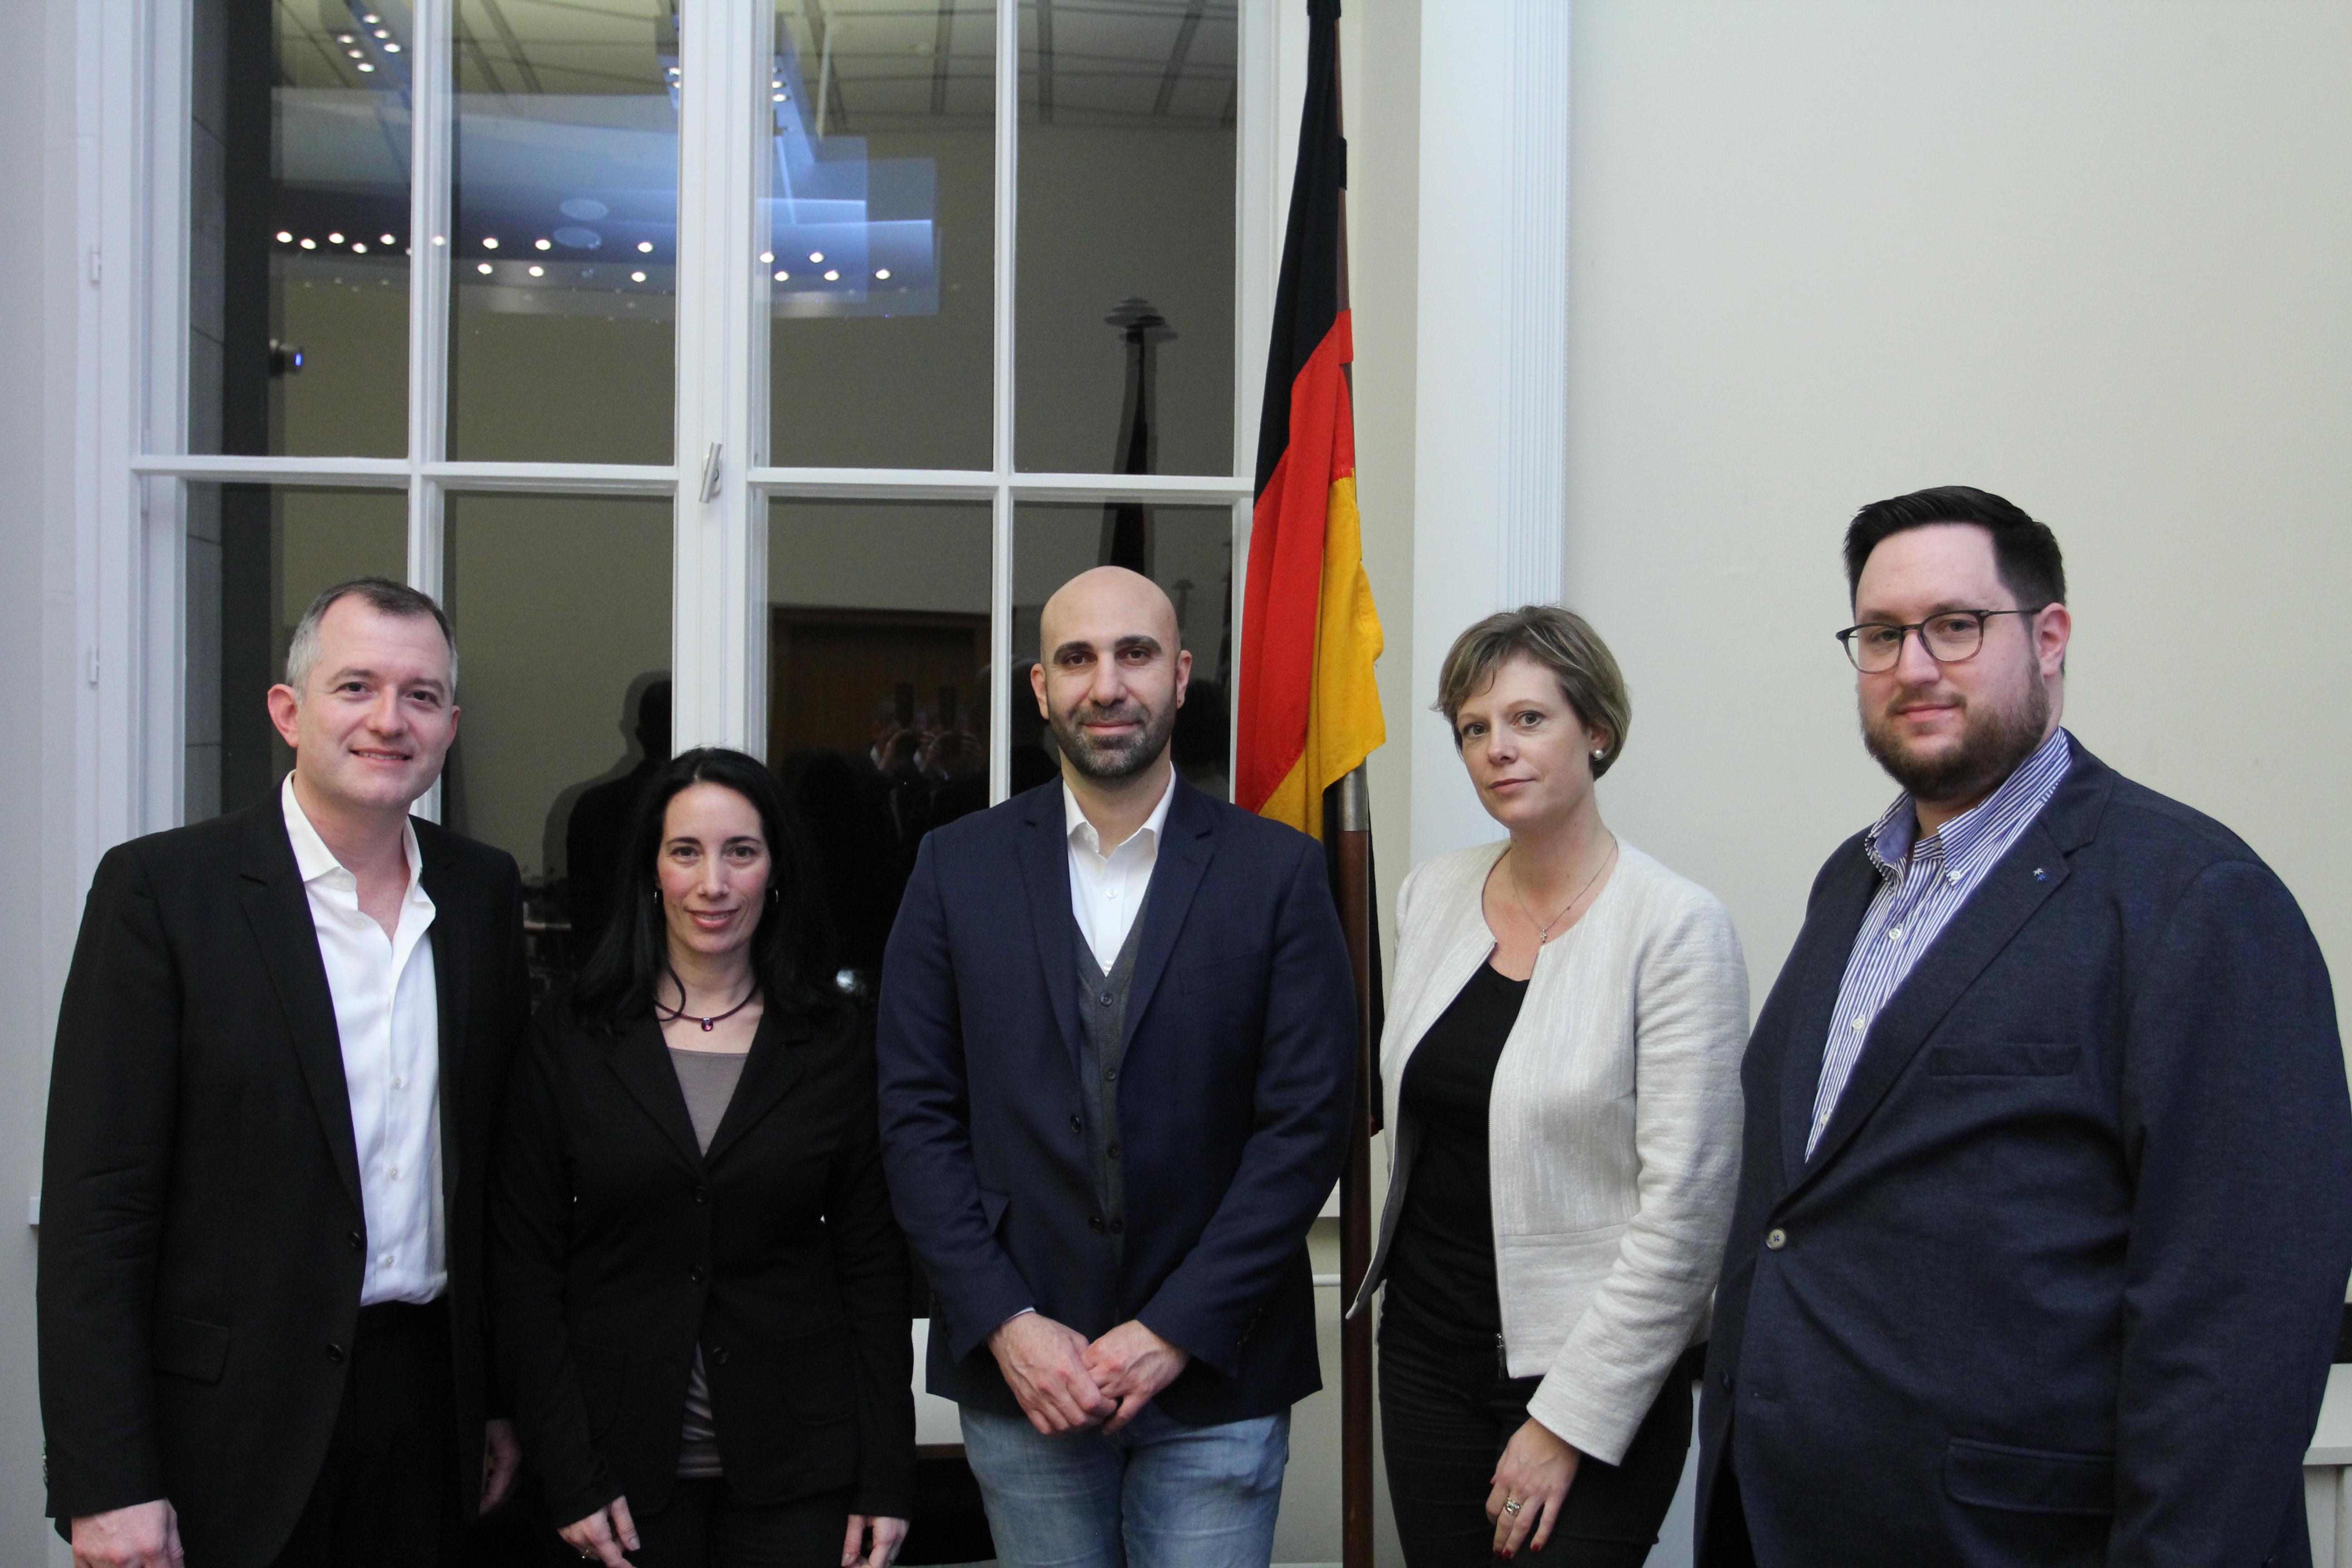 Ahmad Mansour beim politischen Gesprächskreis jüdischer Berliner der Berliner CDU Fraktion.